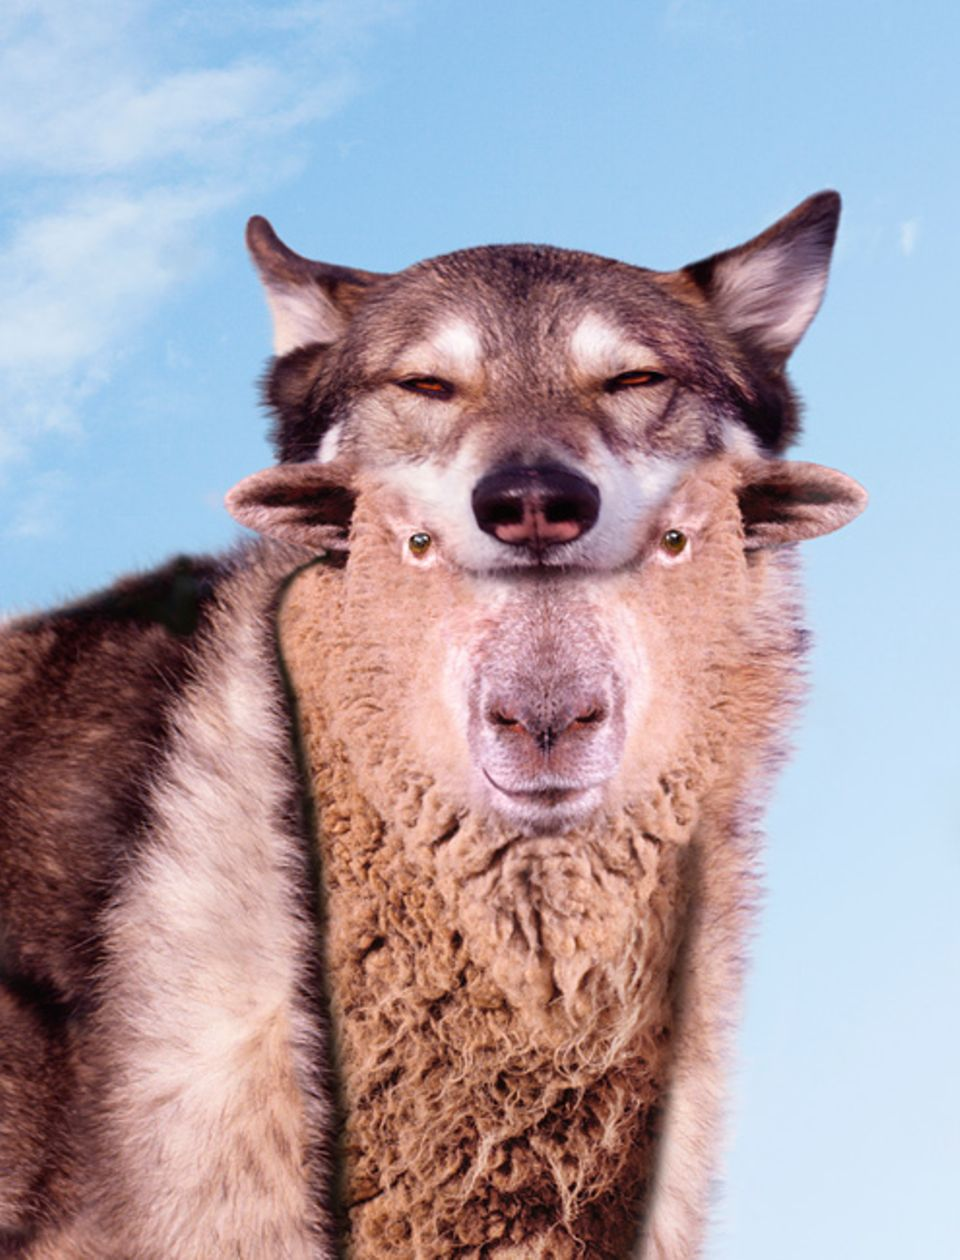 Redewendung: Es geht auch umgekehrt: Ein unschuldiges Schaf verkleidet sich als böser Wolf